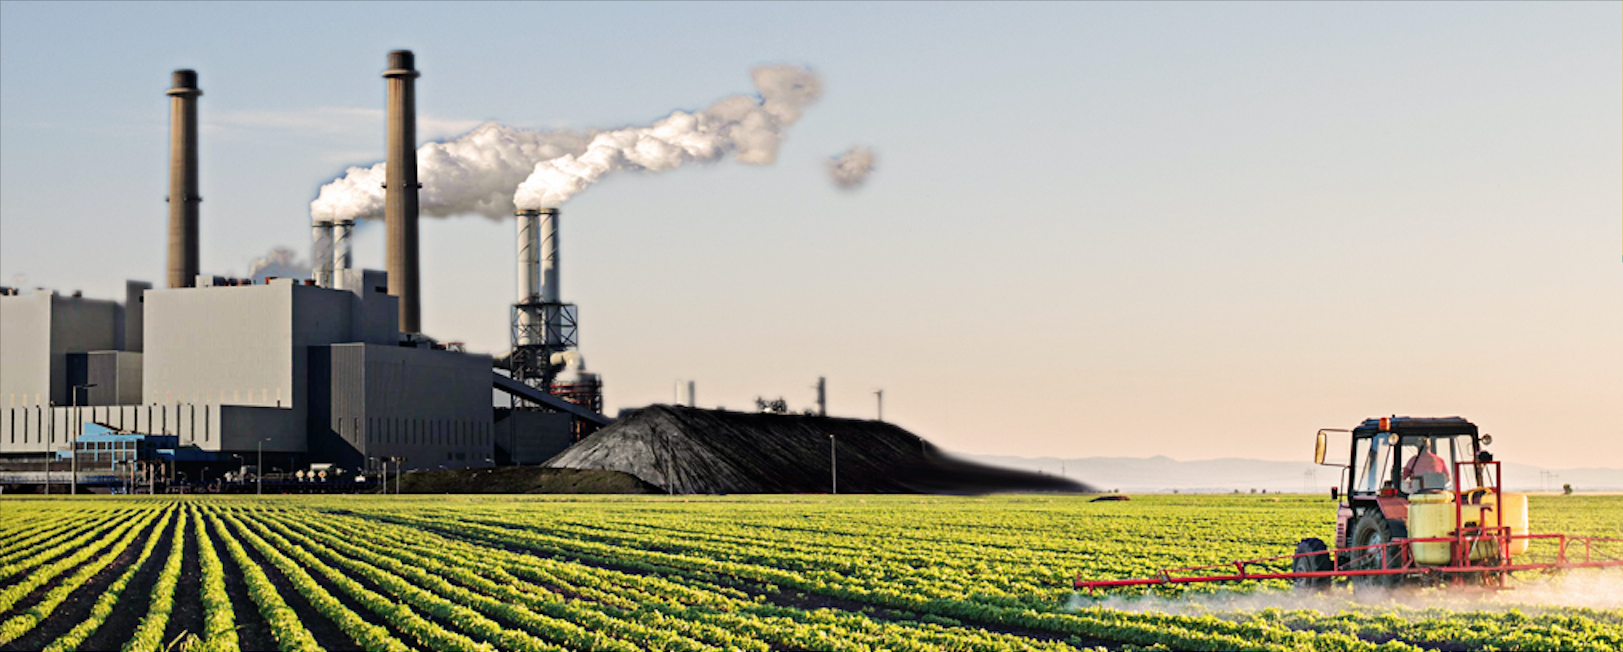 Avviare monitoraggi al suolo delle aree a rischio inquinamento. Mozione M5S.